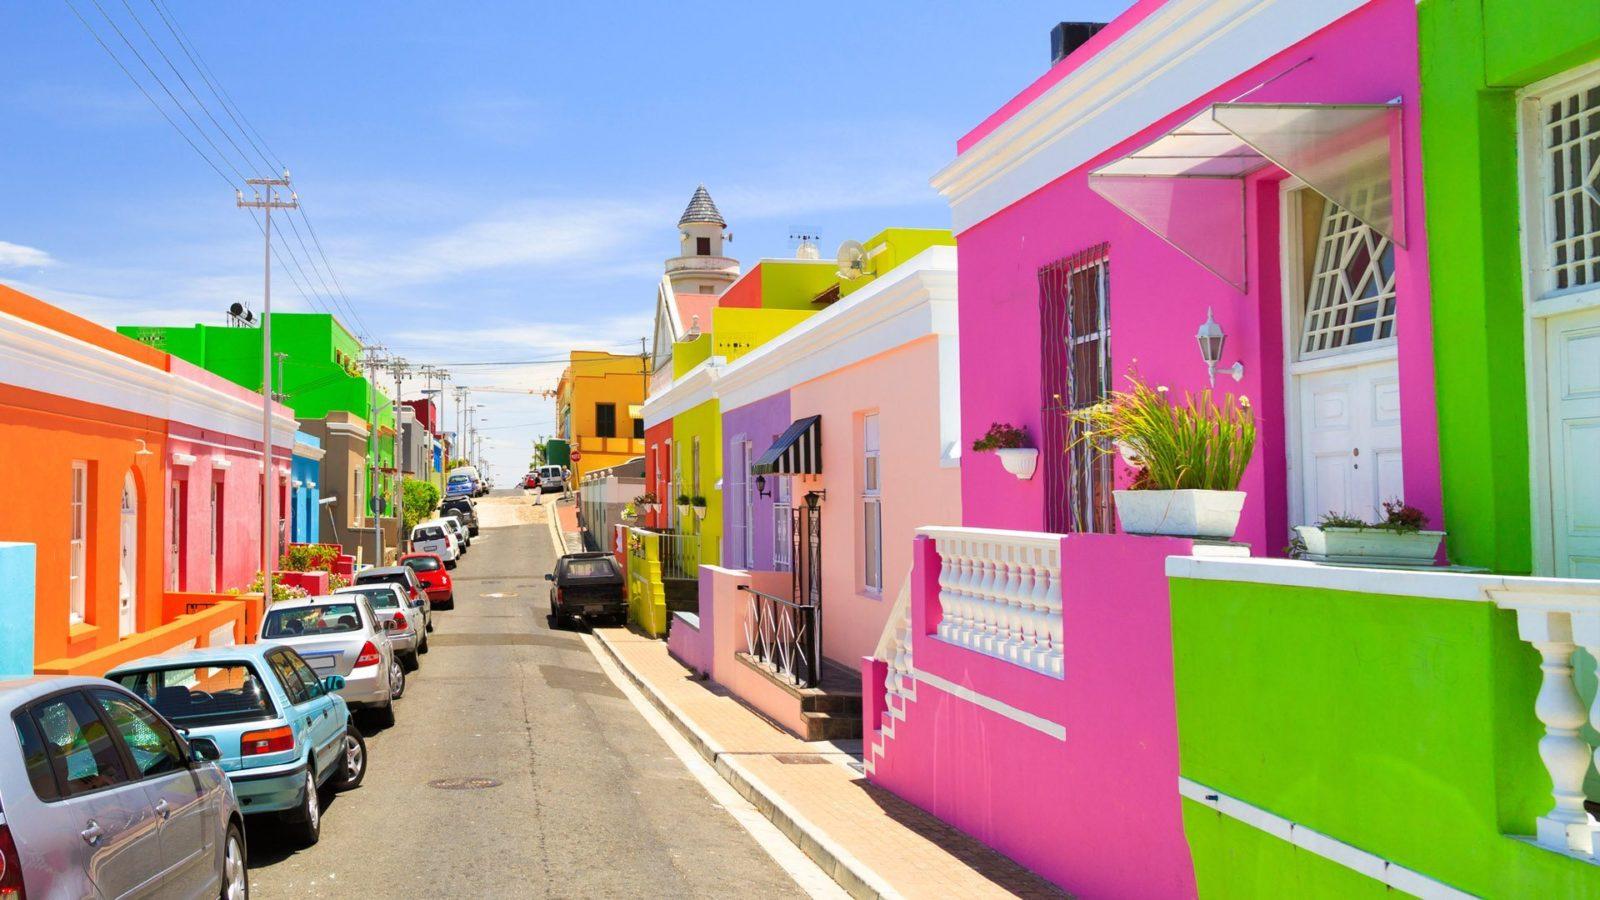 Khu phố Bo Kaap với những căn nhà rực rỡ sắc màu